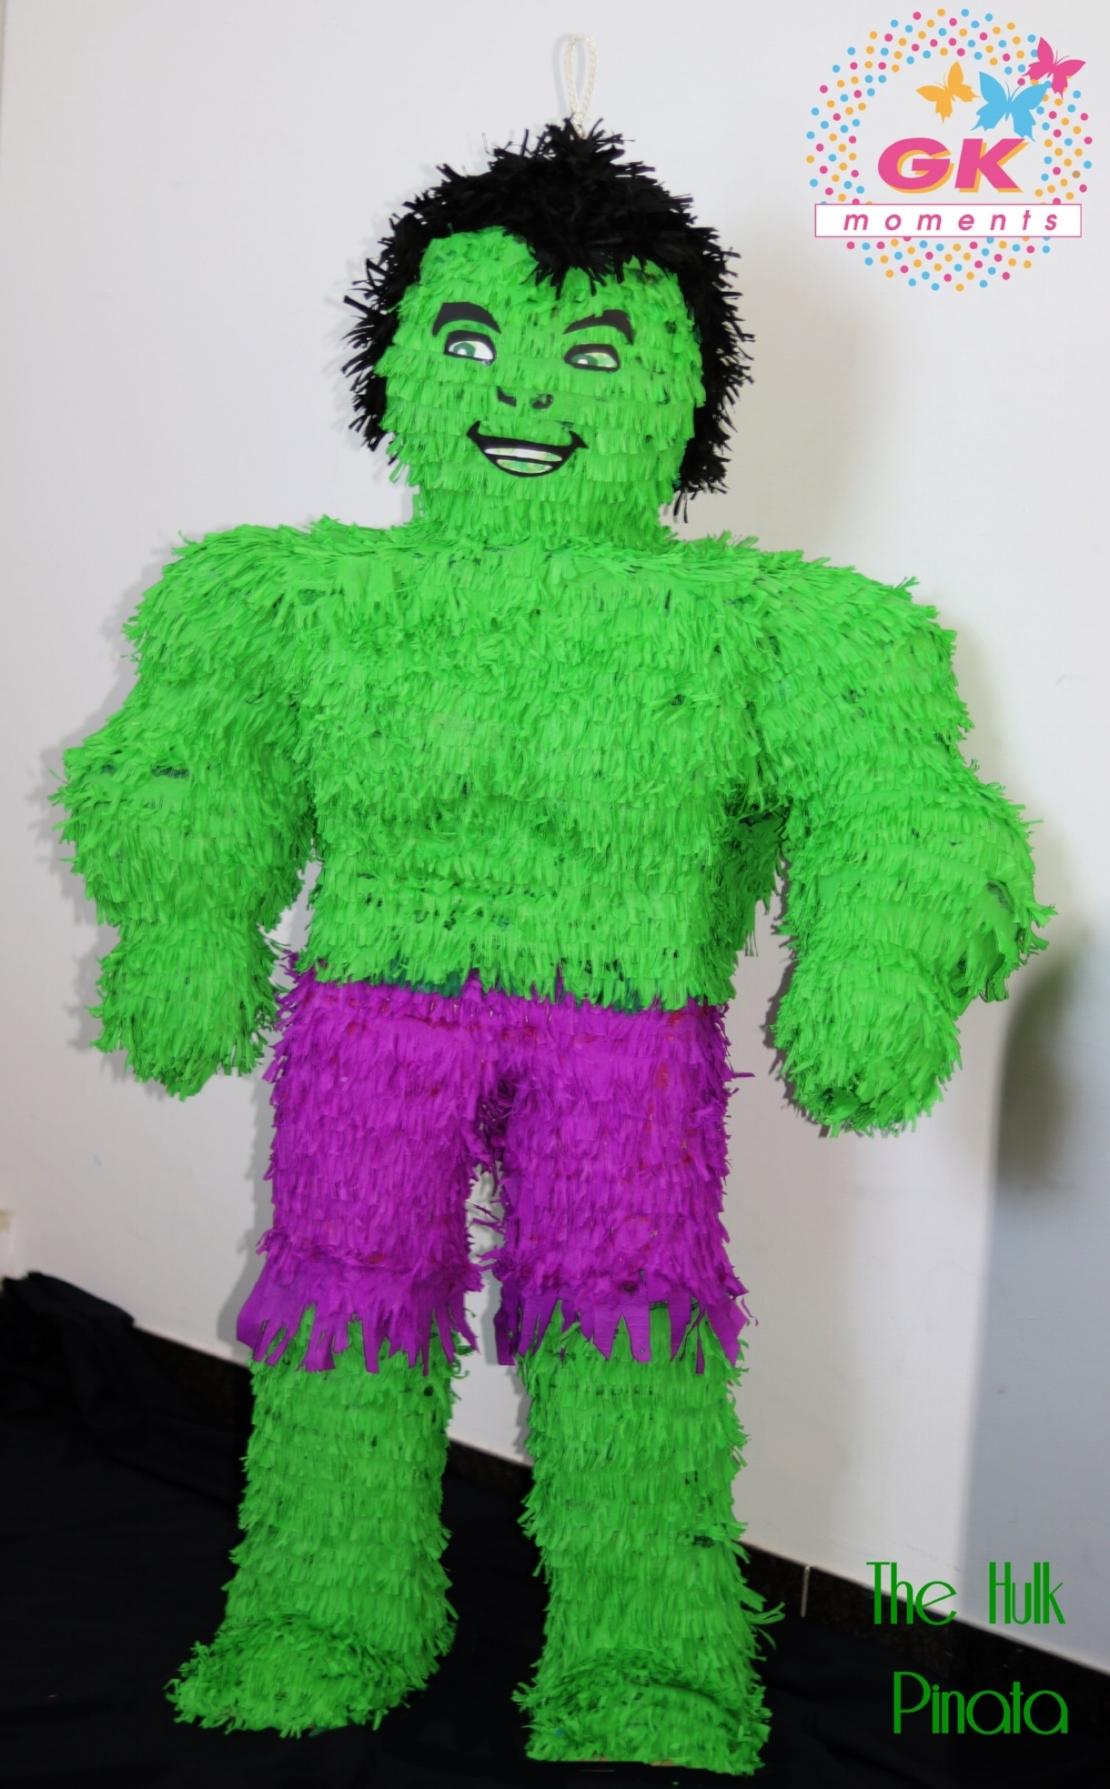 The Hulk pinata by GK Moments